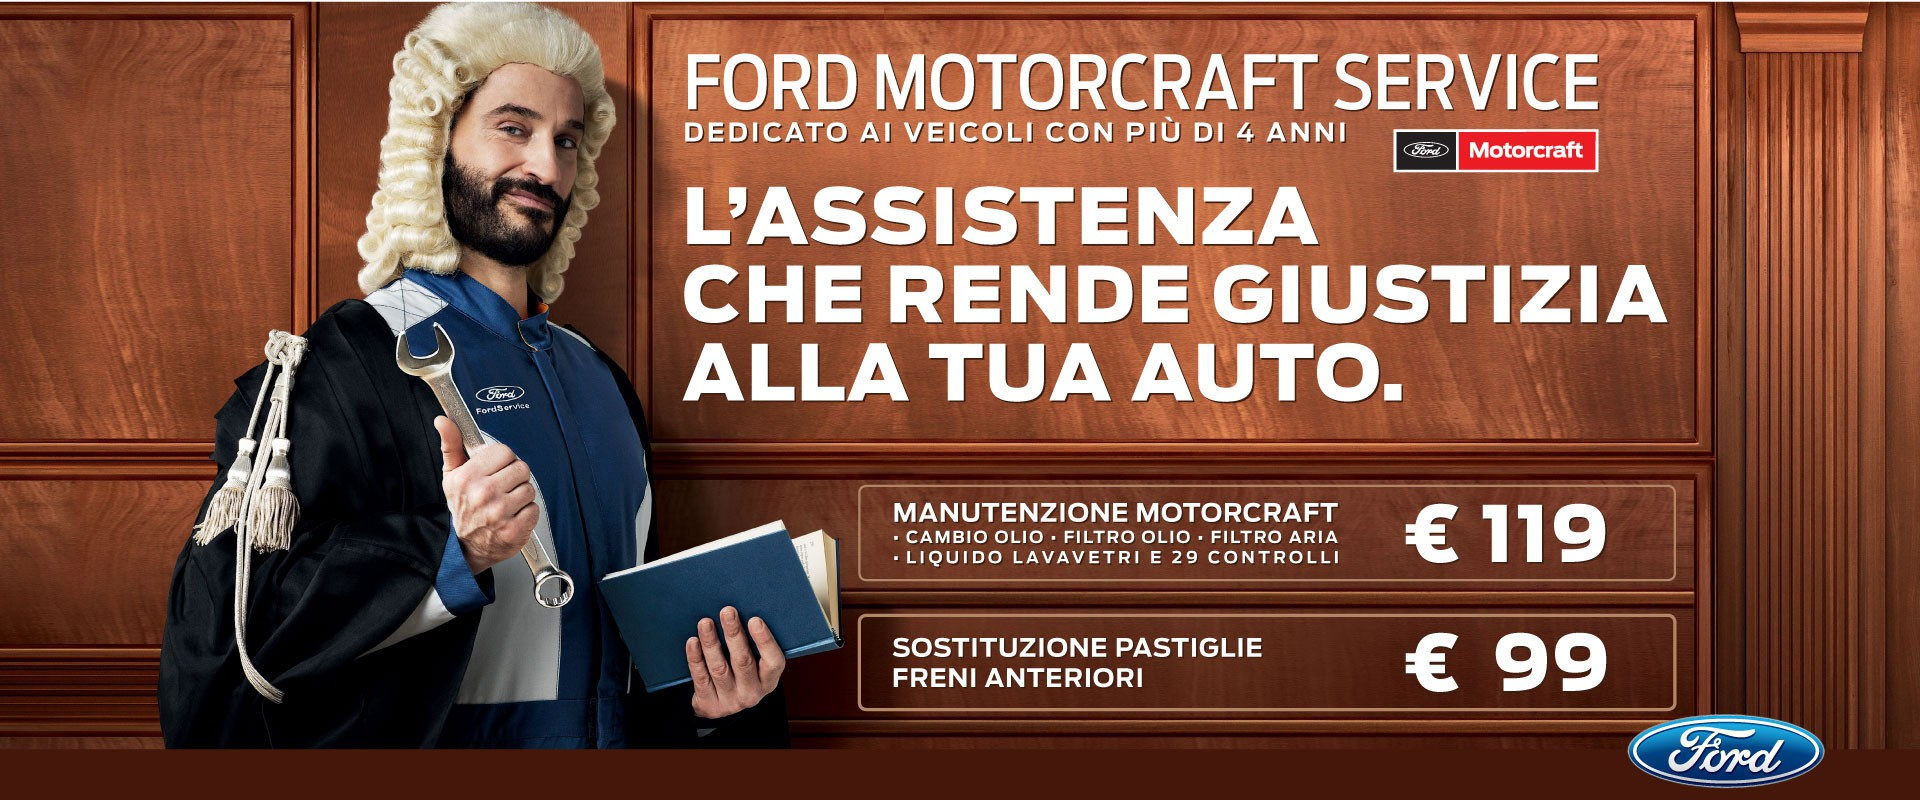 Ford Motorcraft Service: l'assistenza che rende giustizia alla tua auto